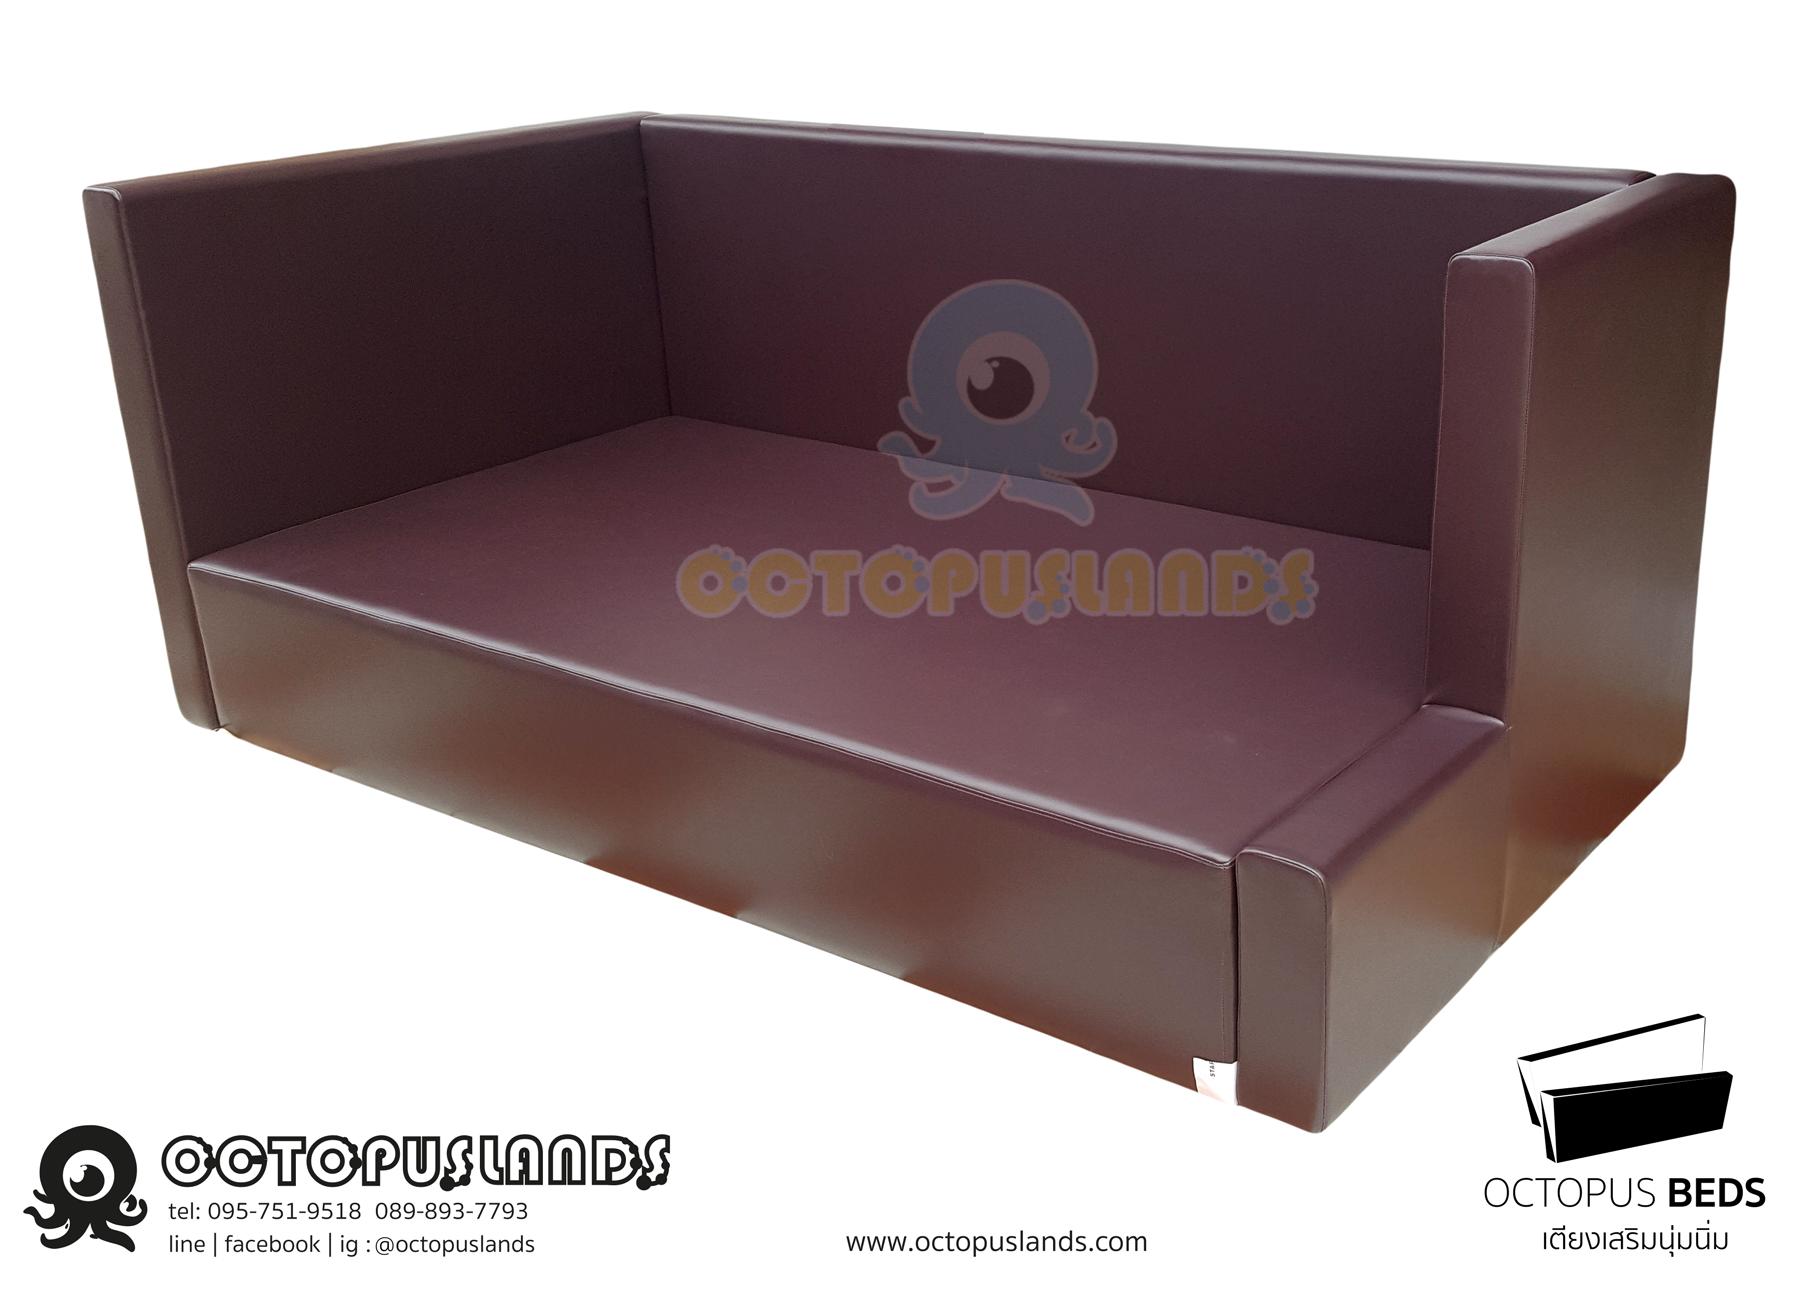 เตียงเสริม Octopus beds 3.5 ฟุต